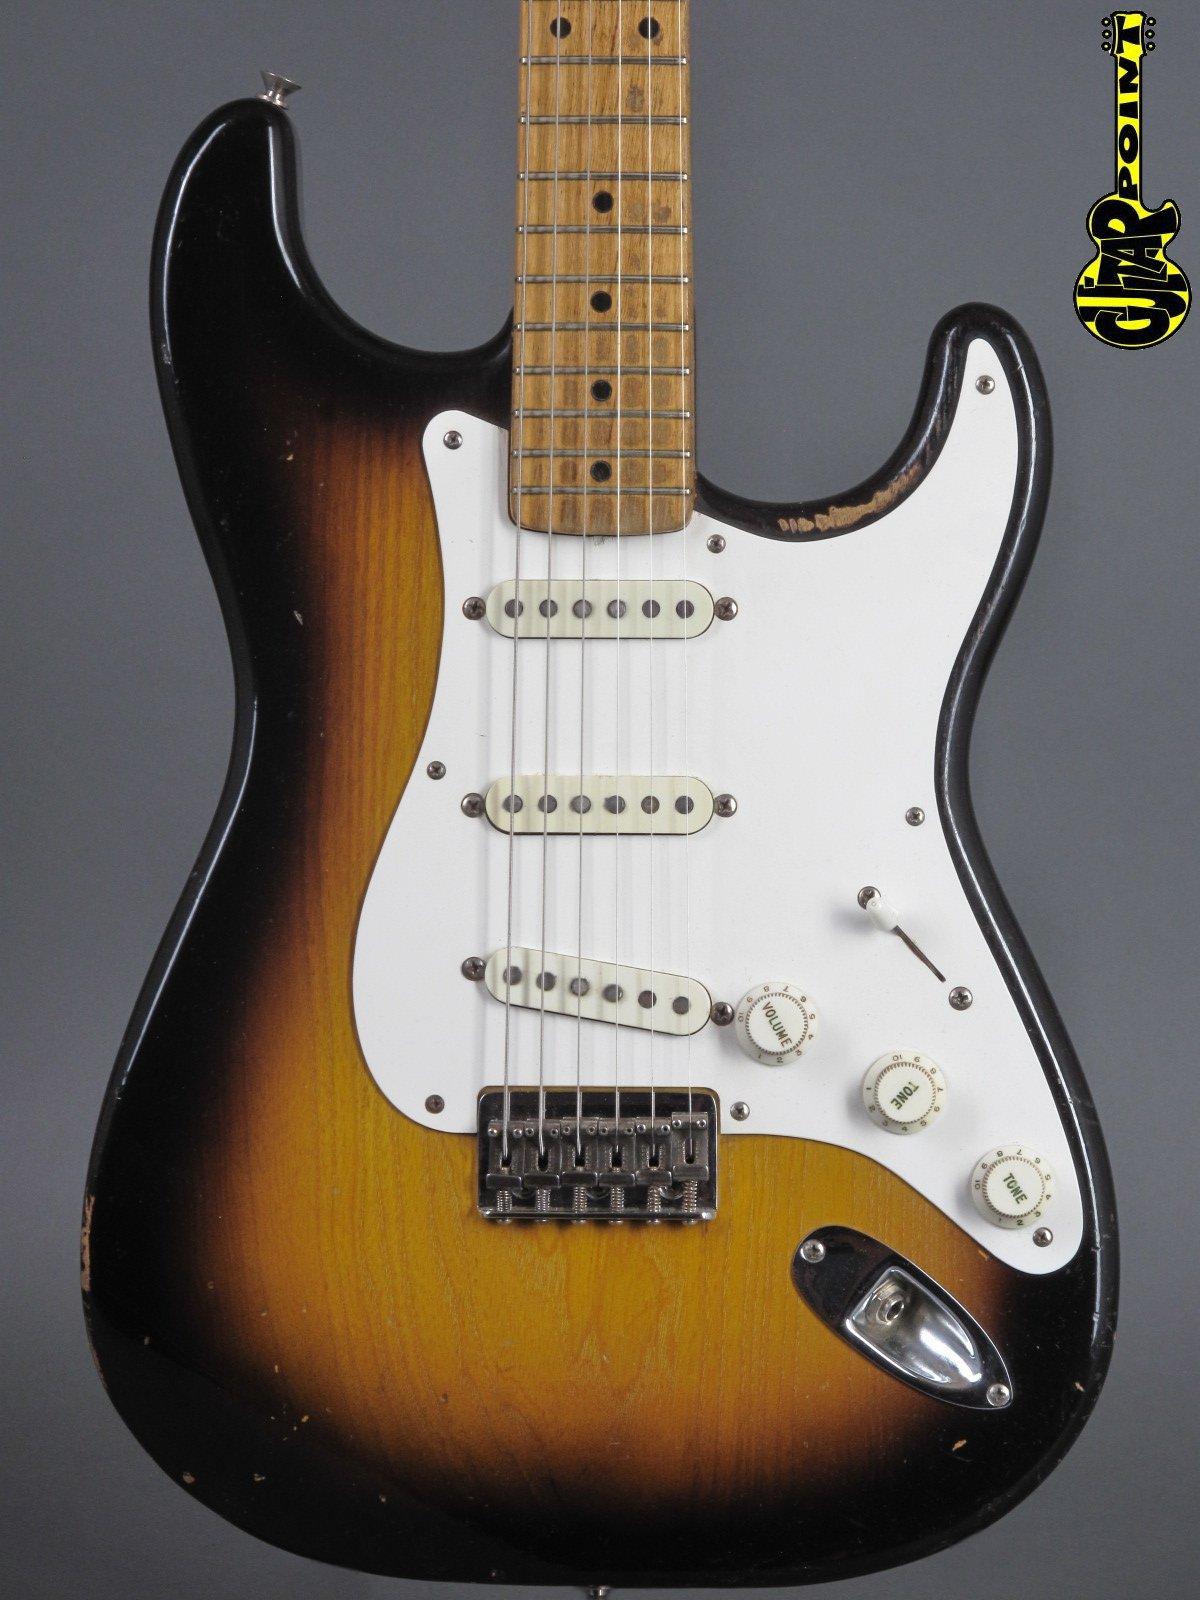 1957 Fender Stratocaster - 2-tone Sunburst / Hardtail